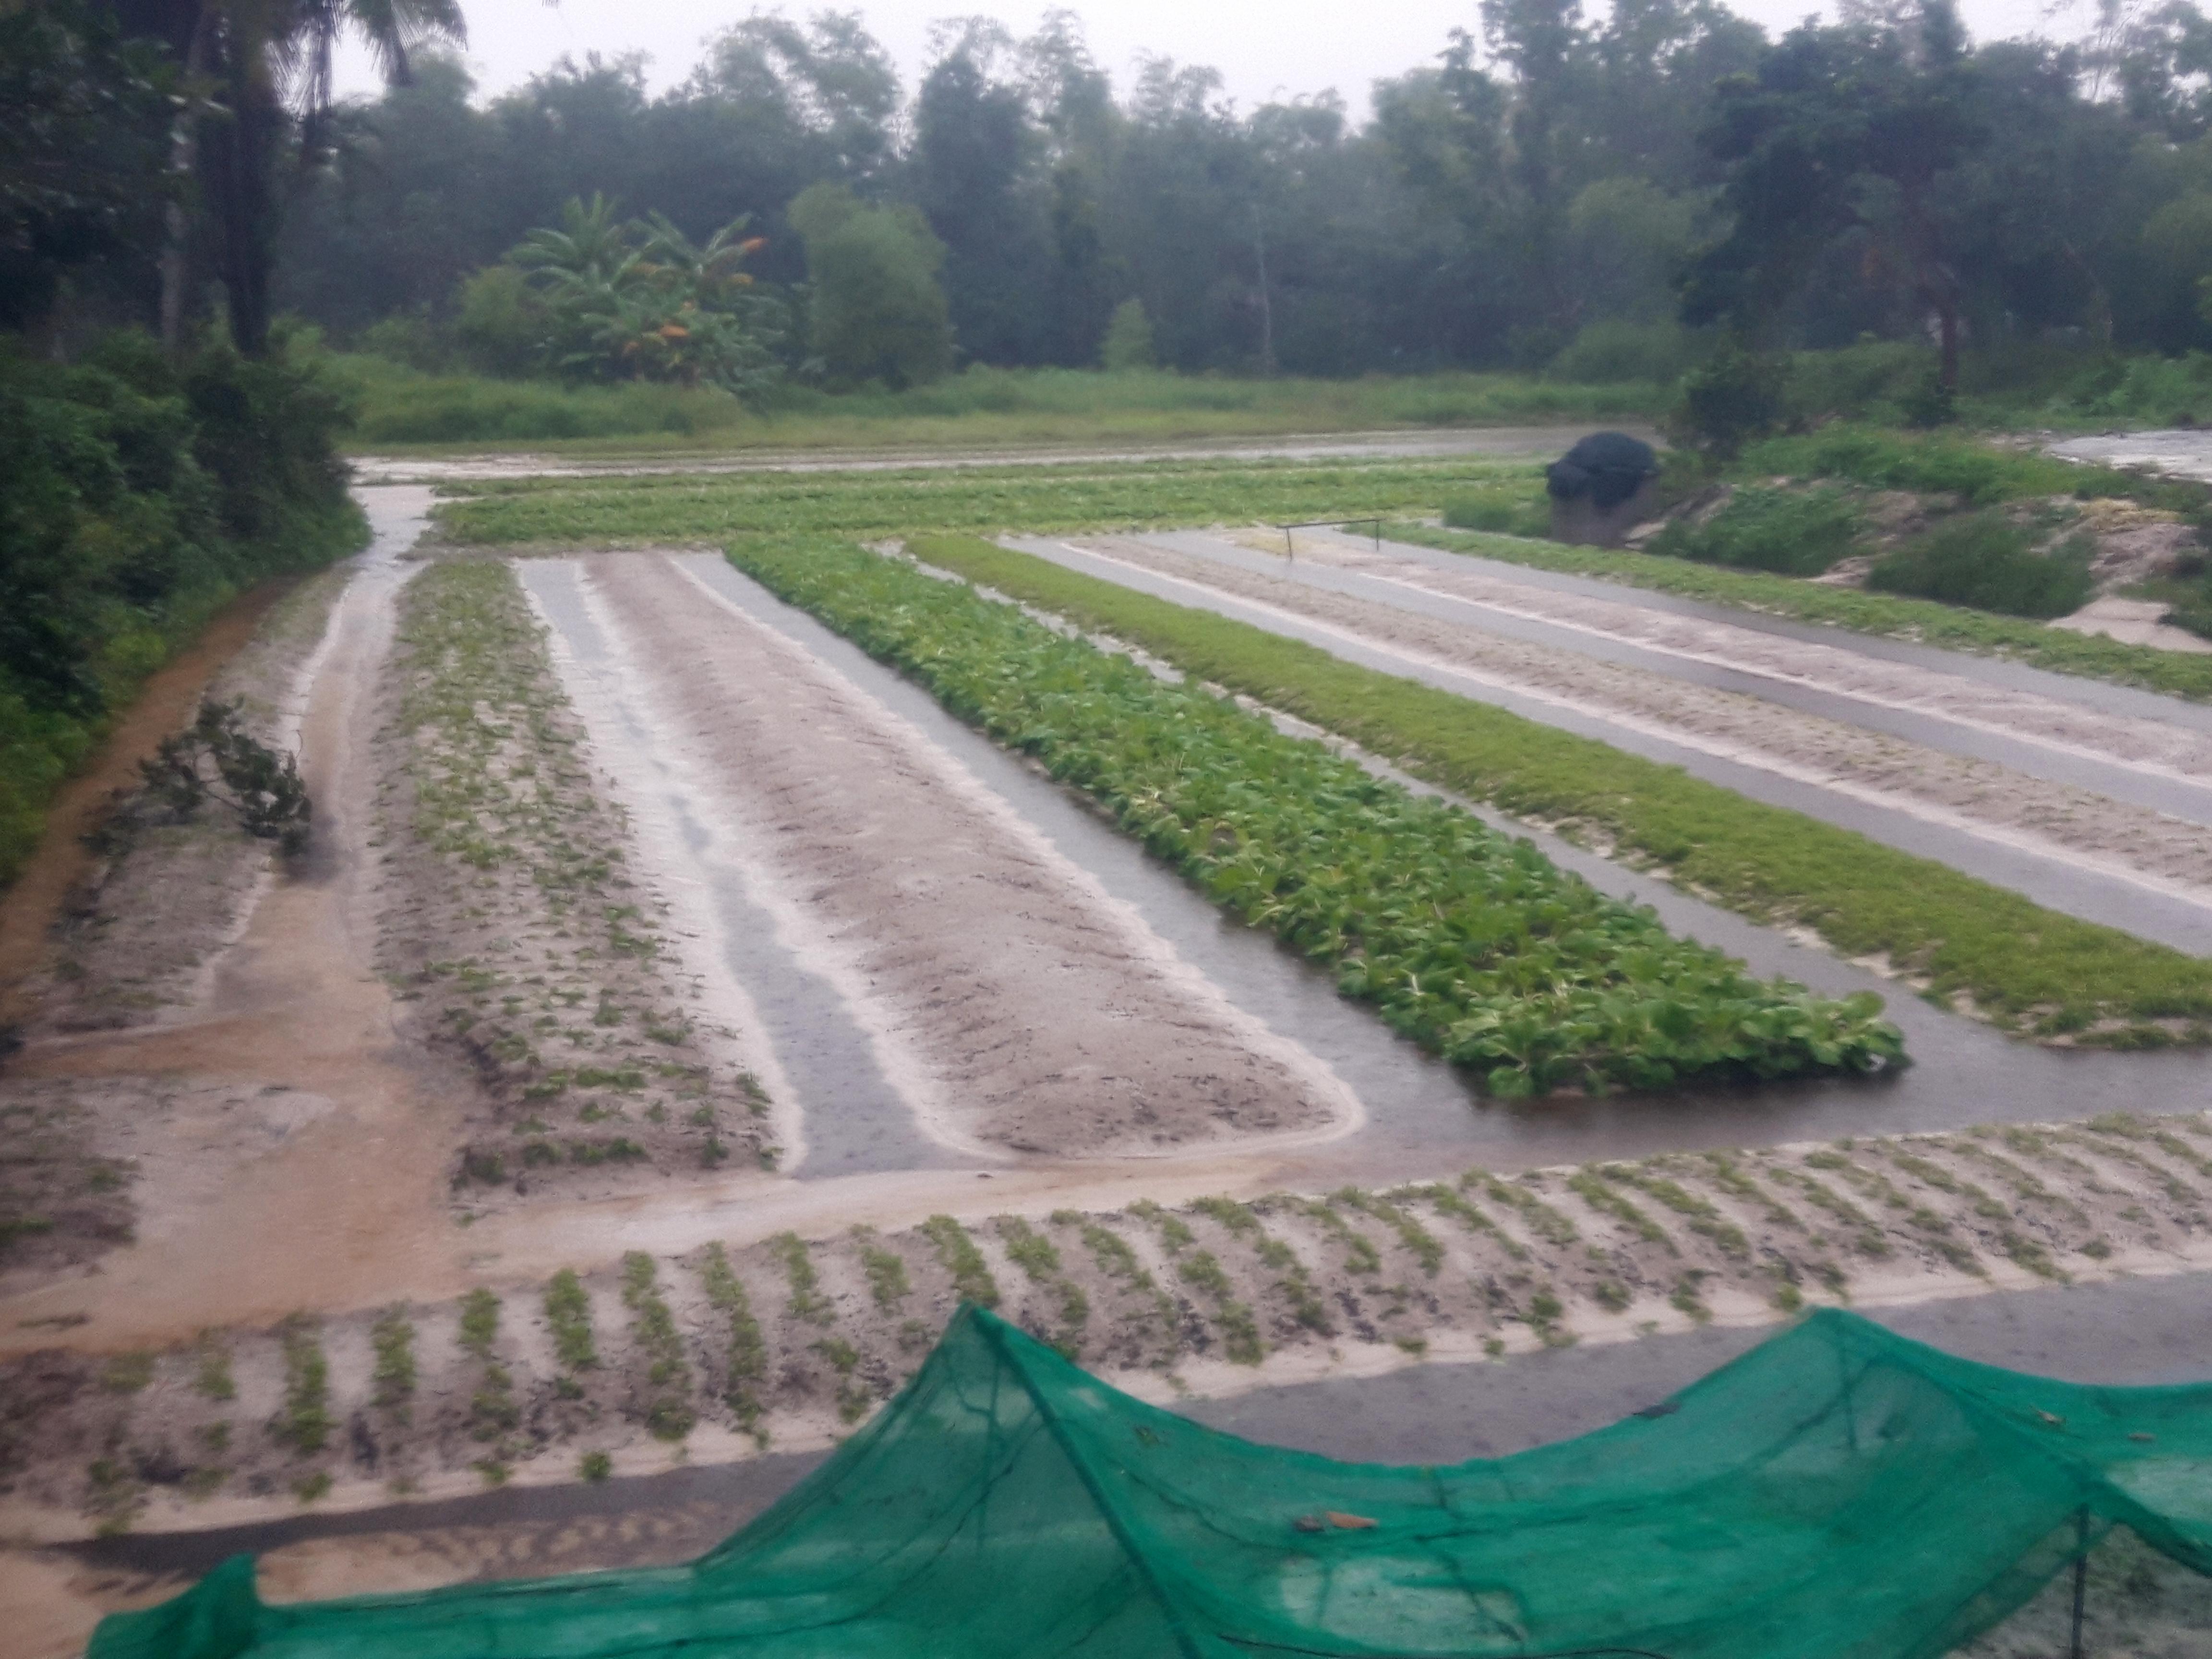 Ruộng vườn tan hoang sau khi nước ngập tràng qua. Ảnh: Hồ Quân